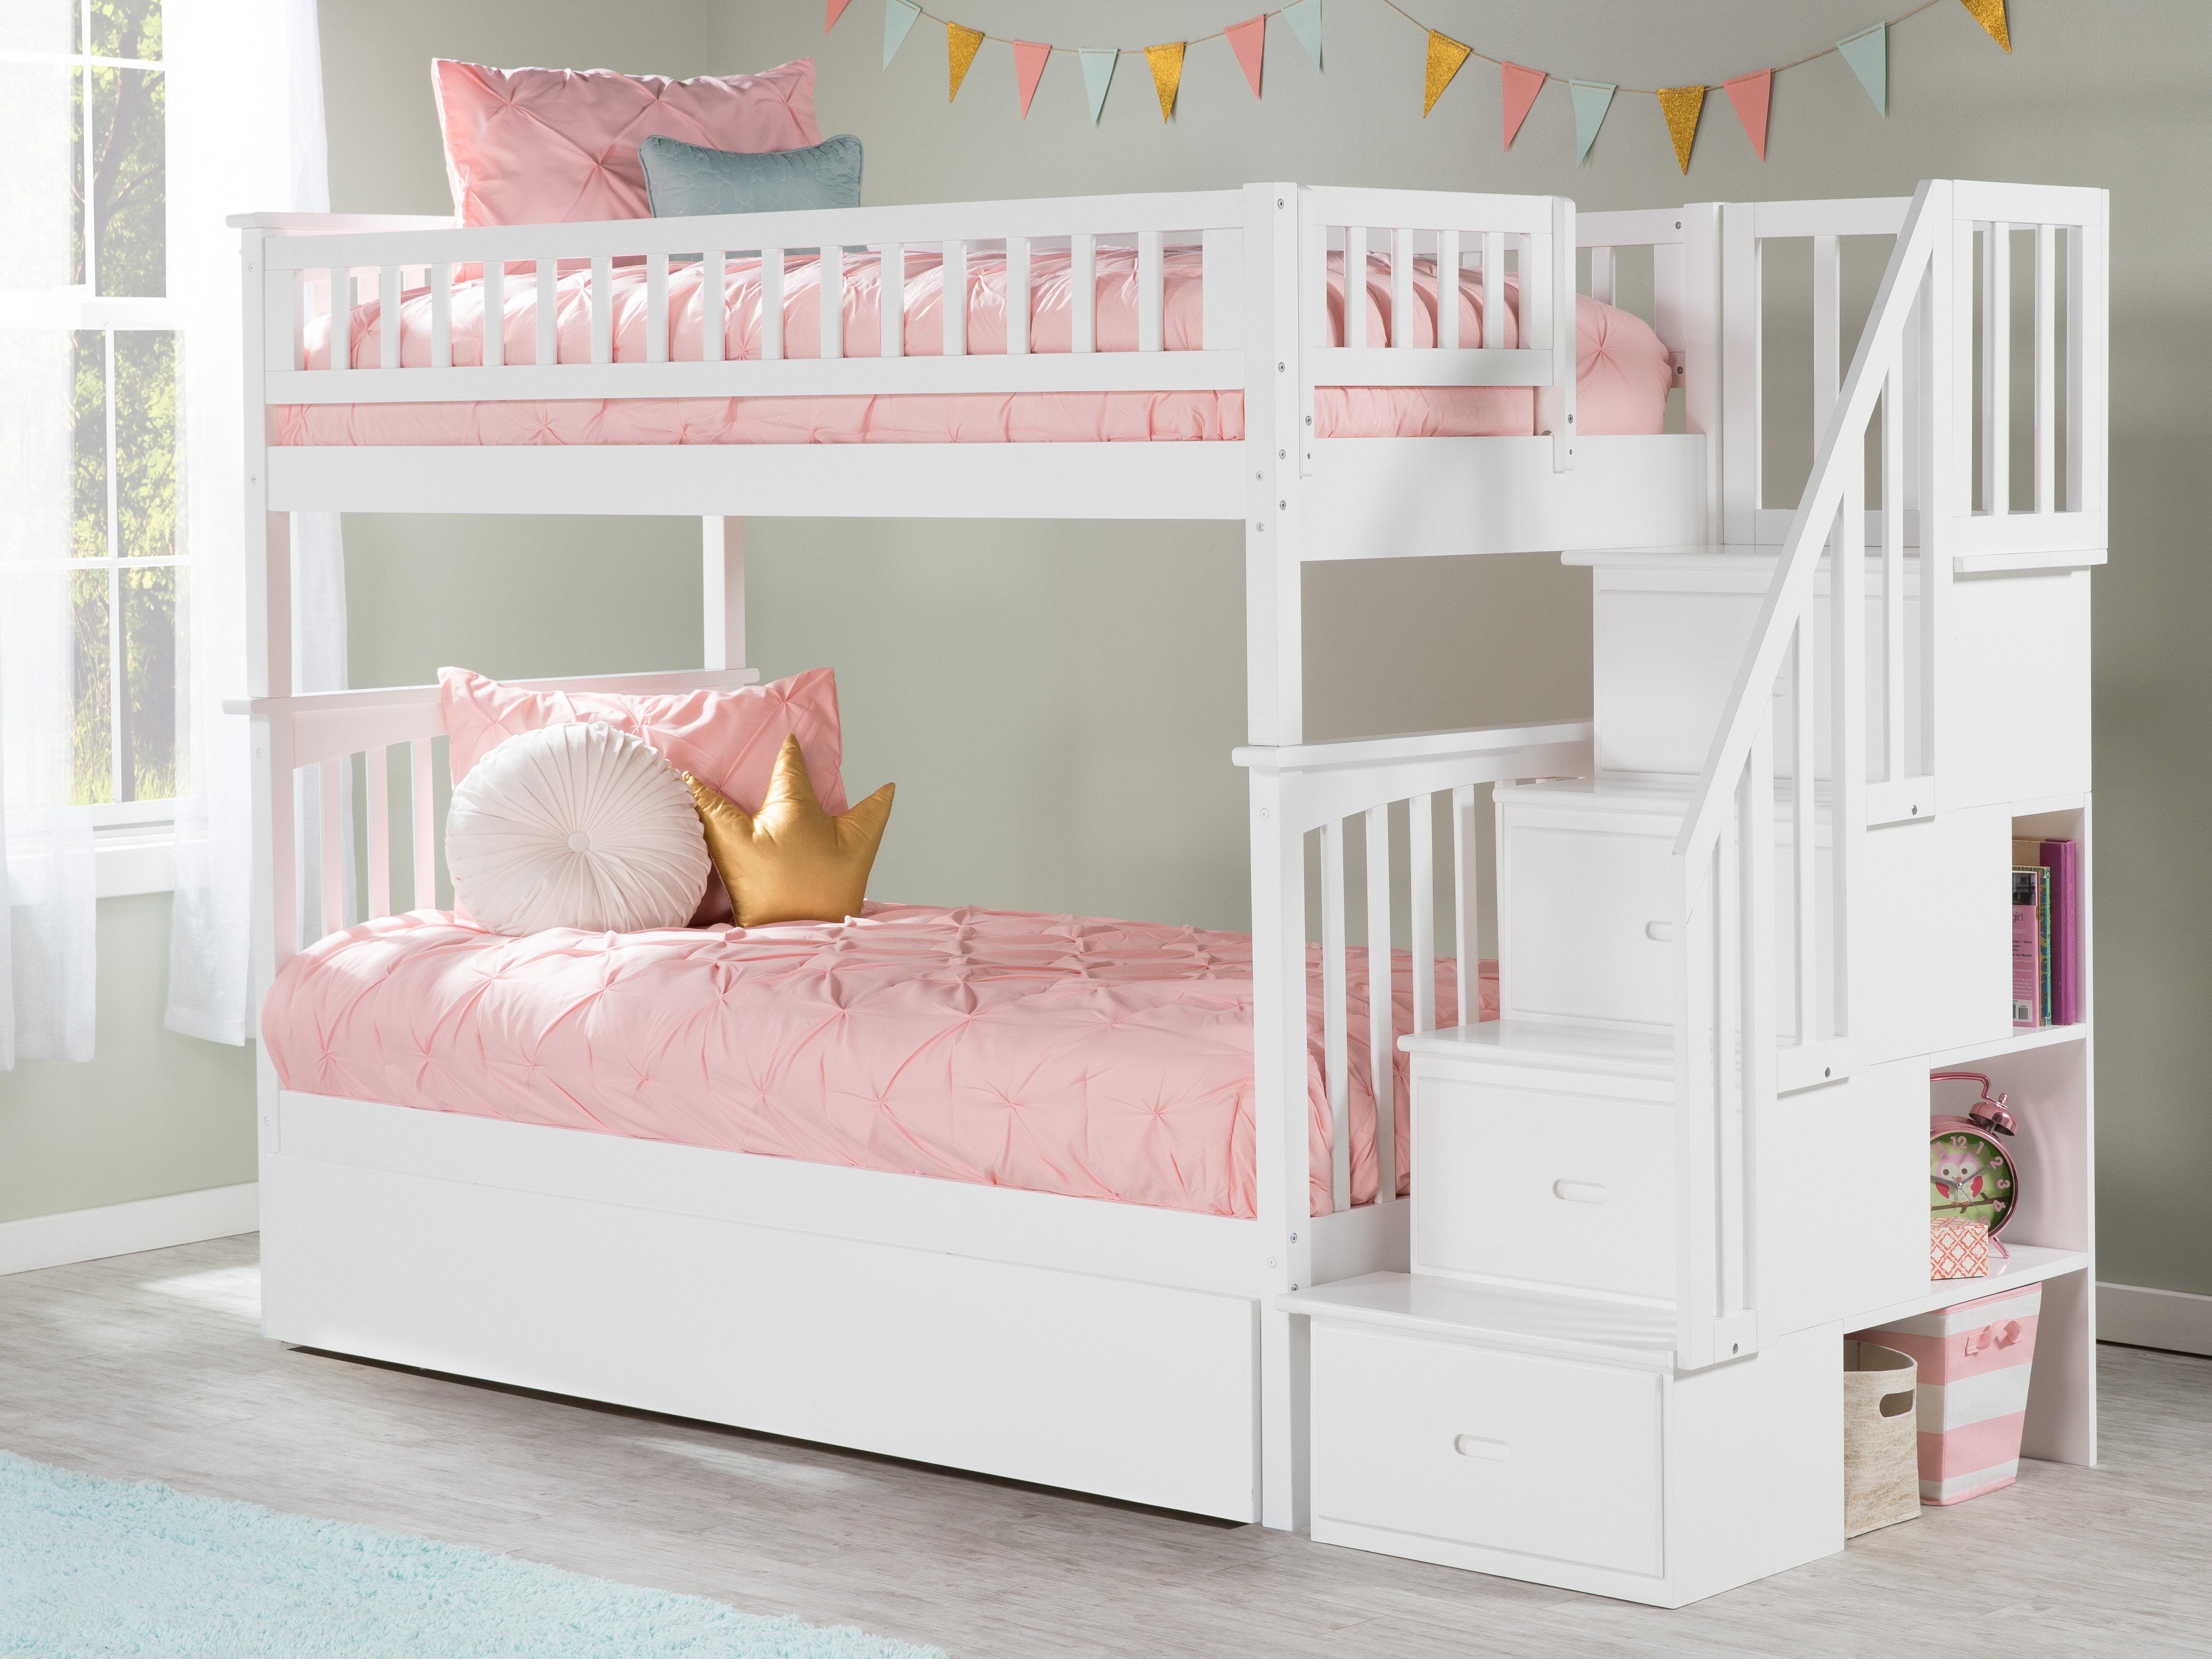 Lit Superposé Marche Escalier lit superposé simple au-dessus de simple avec gigogne escalier abel